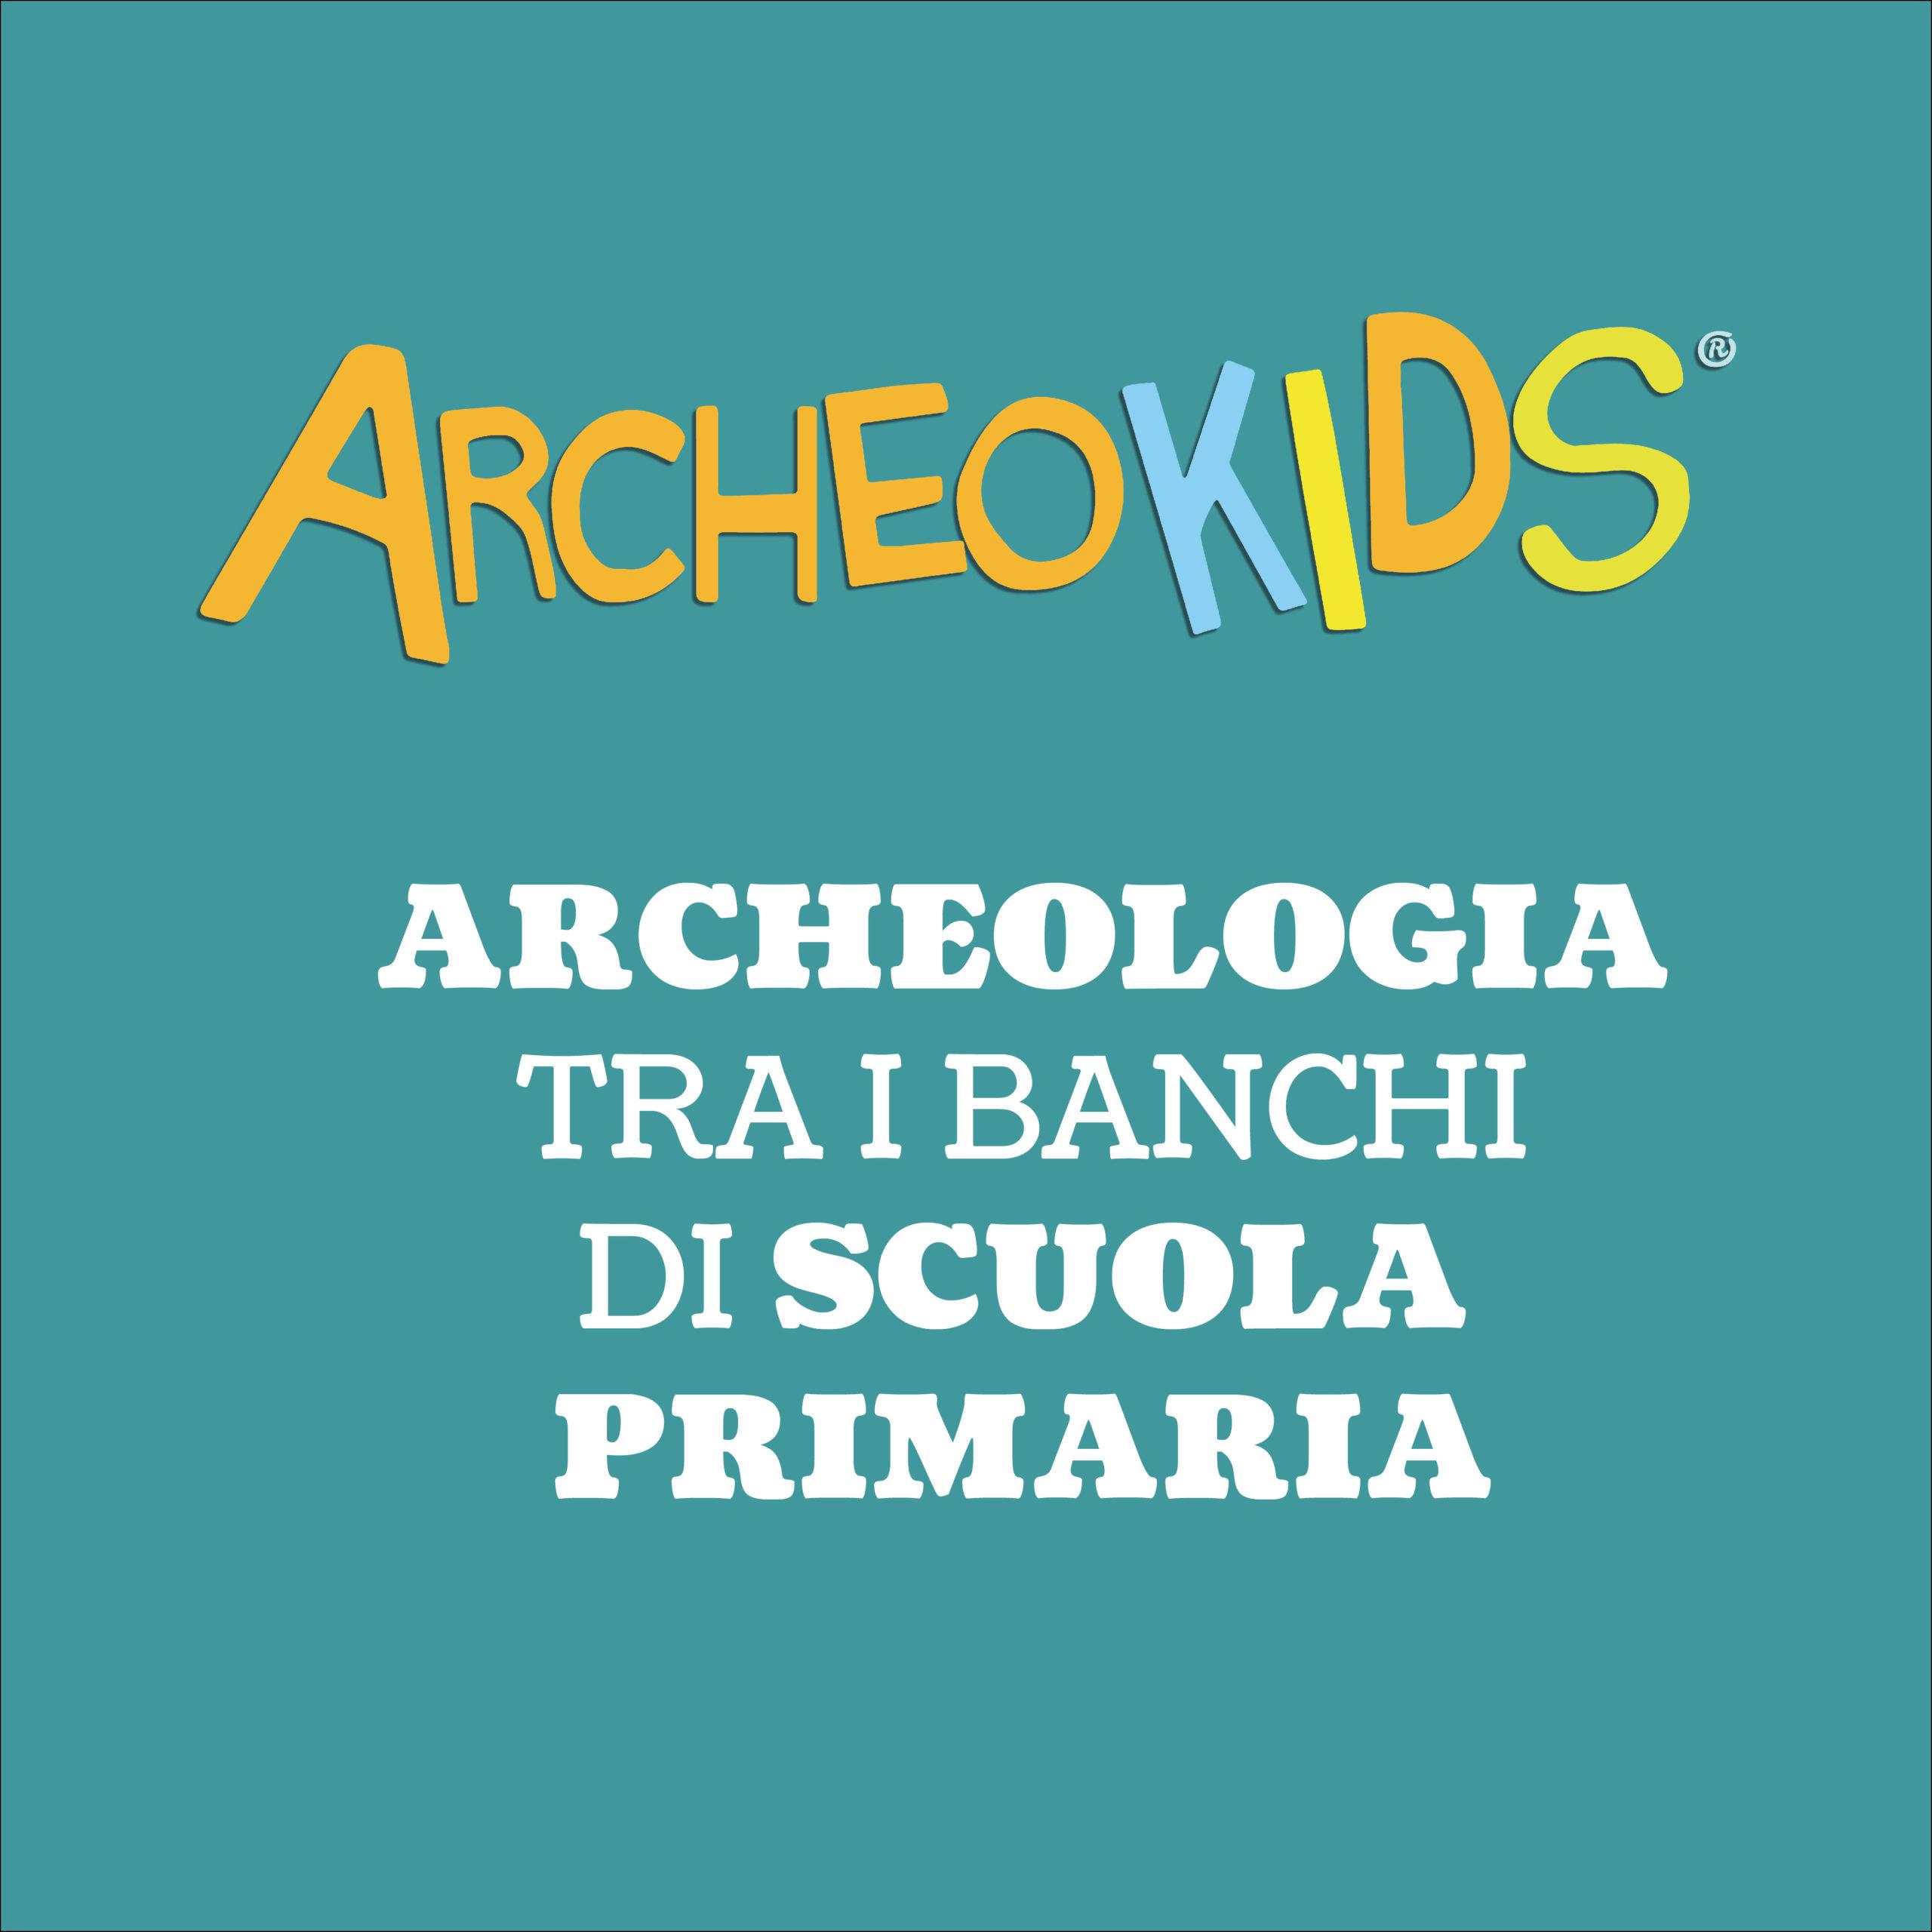 archprimaria-04